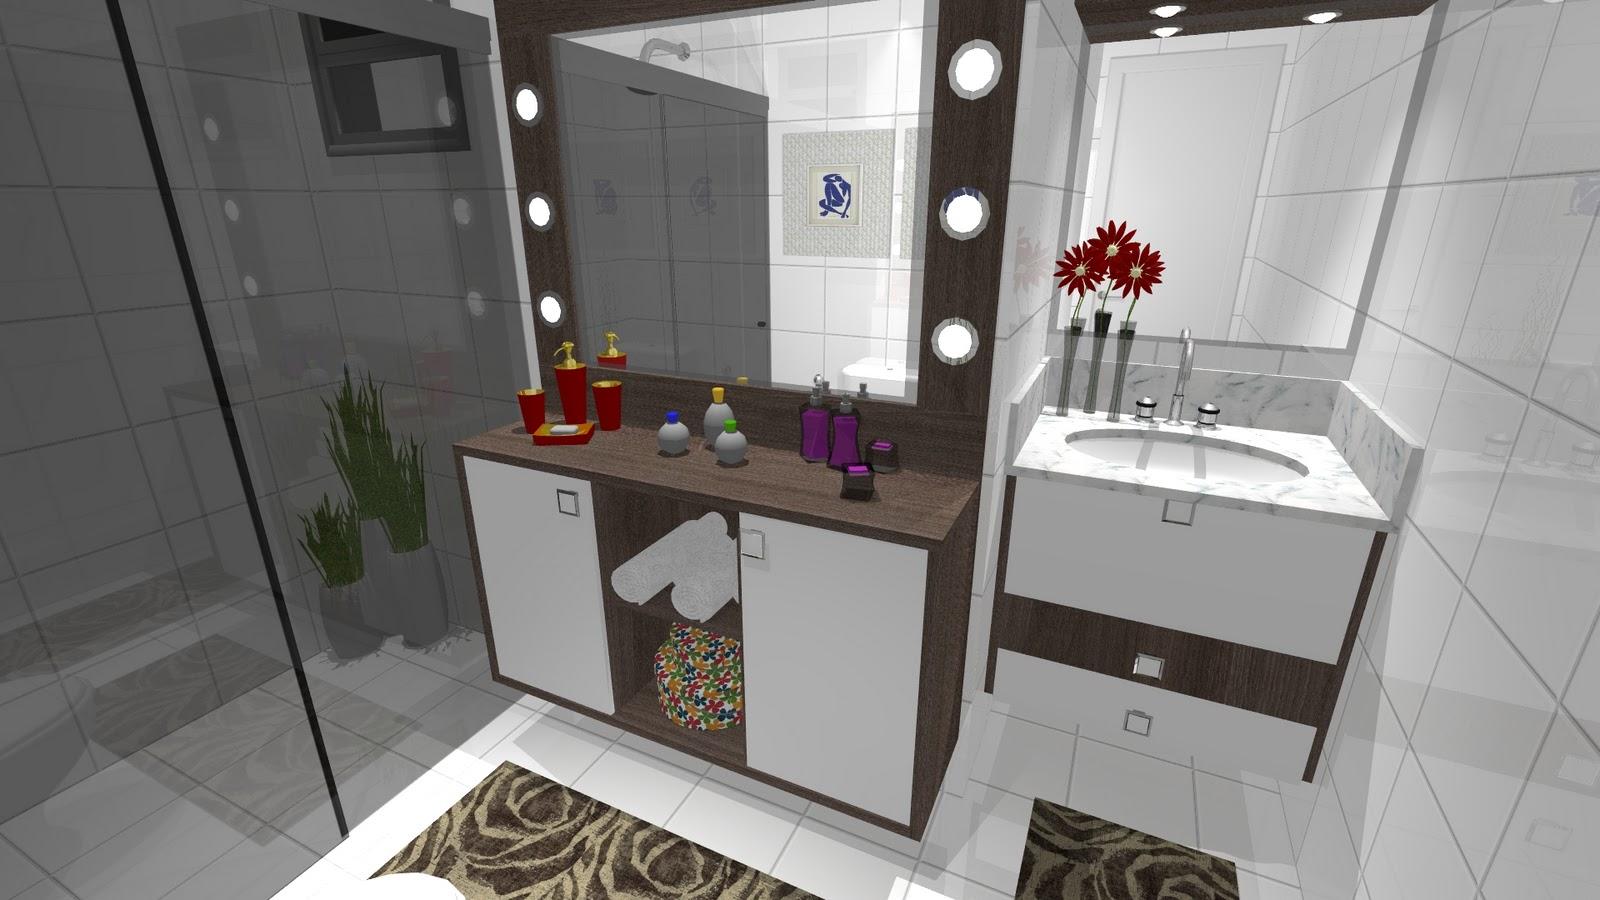 #672863 Ambientes & Ideias: Um Banheiro Um camarim! 1600x900 px repaginar banheiro antigo